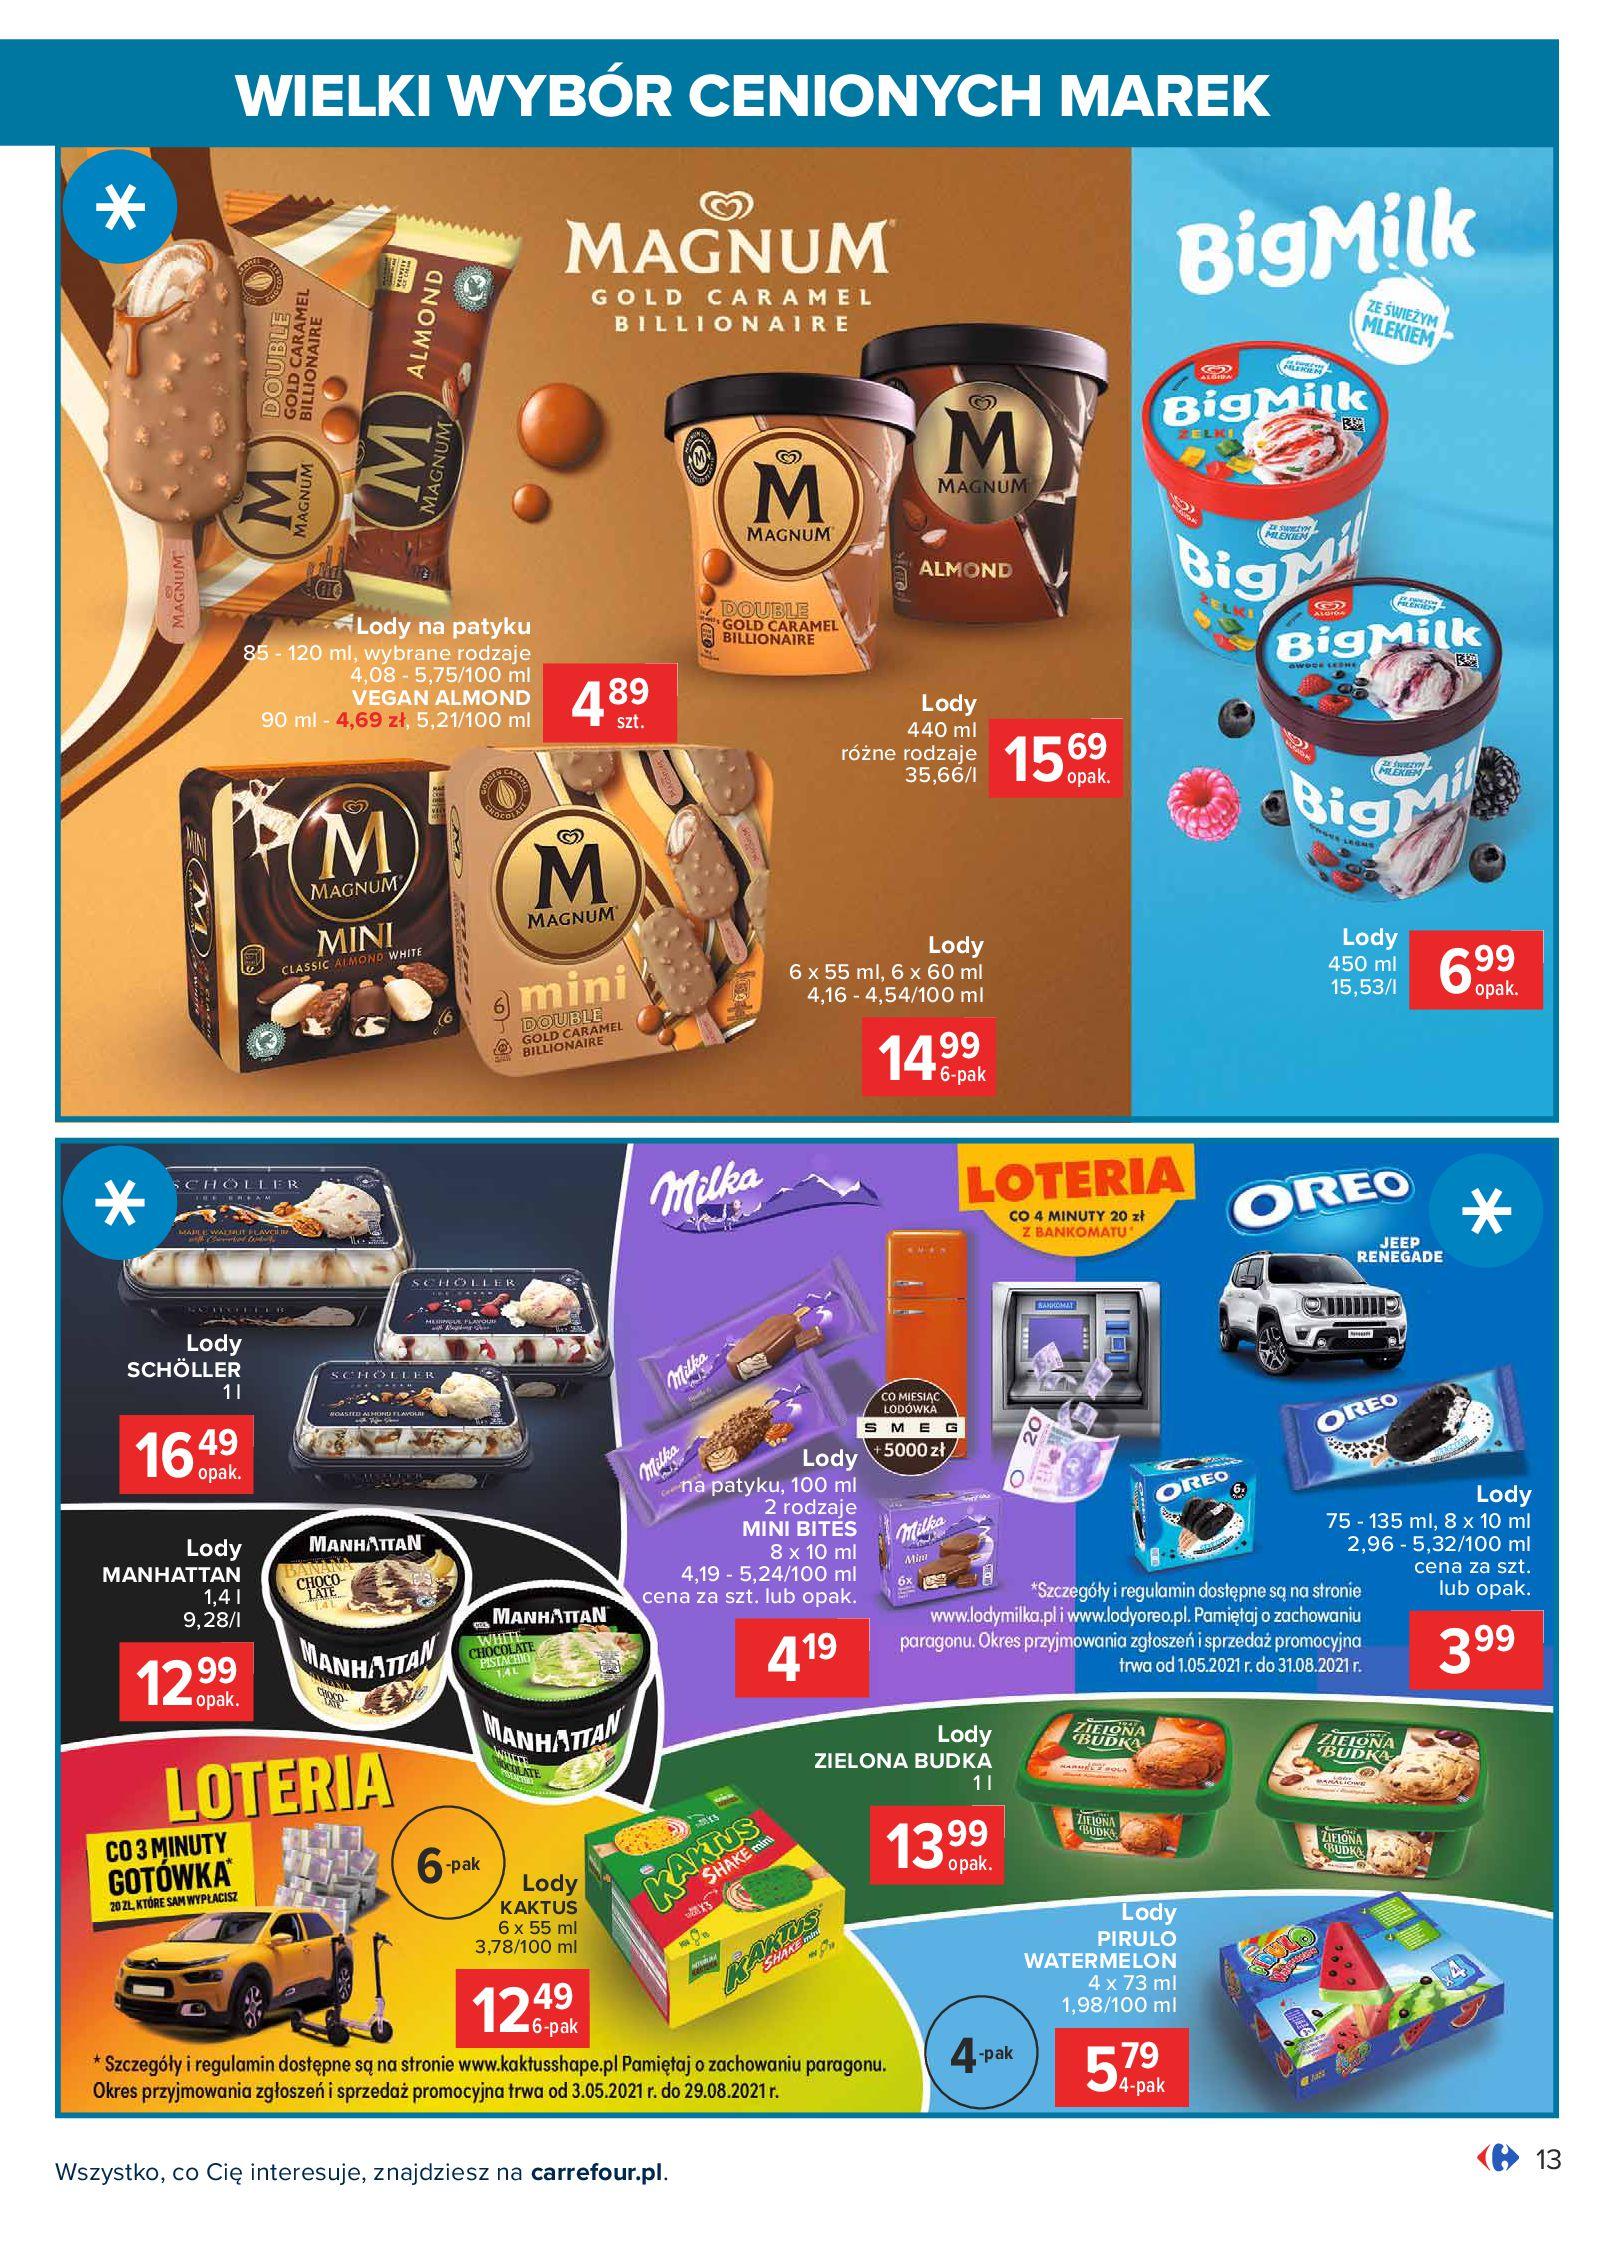 Gazetka Carrefour: Wielki wybór cenionych marek 2021-05-04 page-13